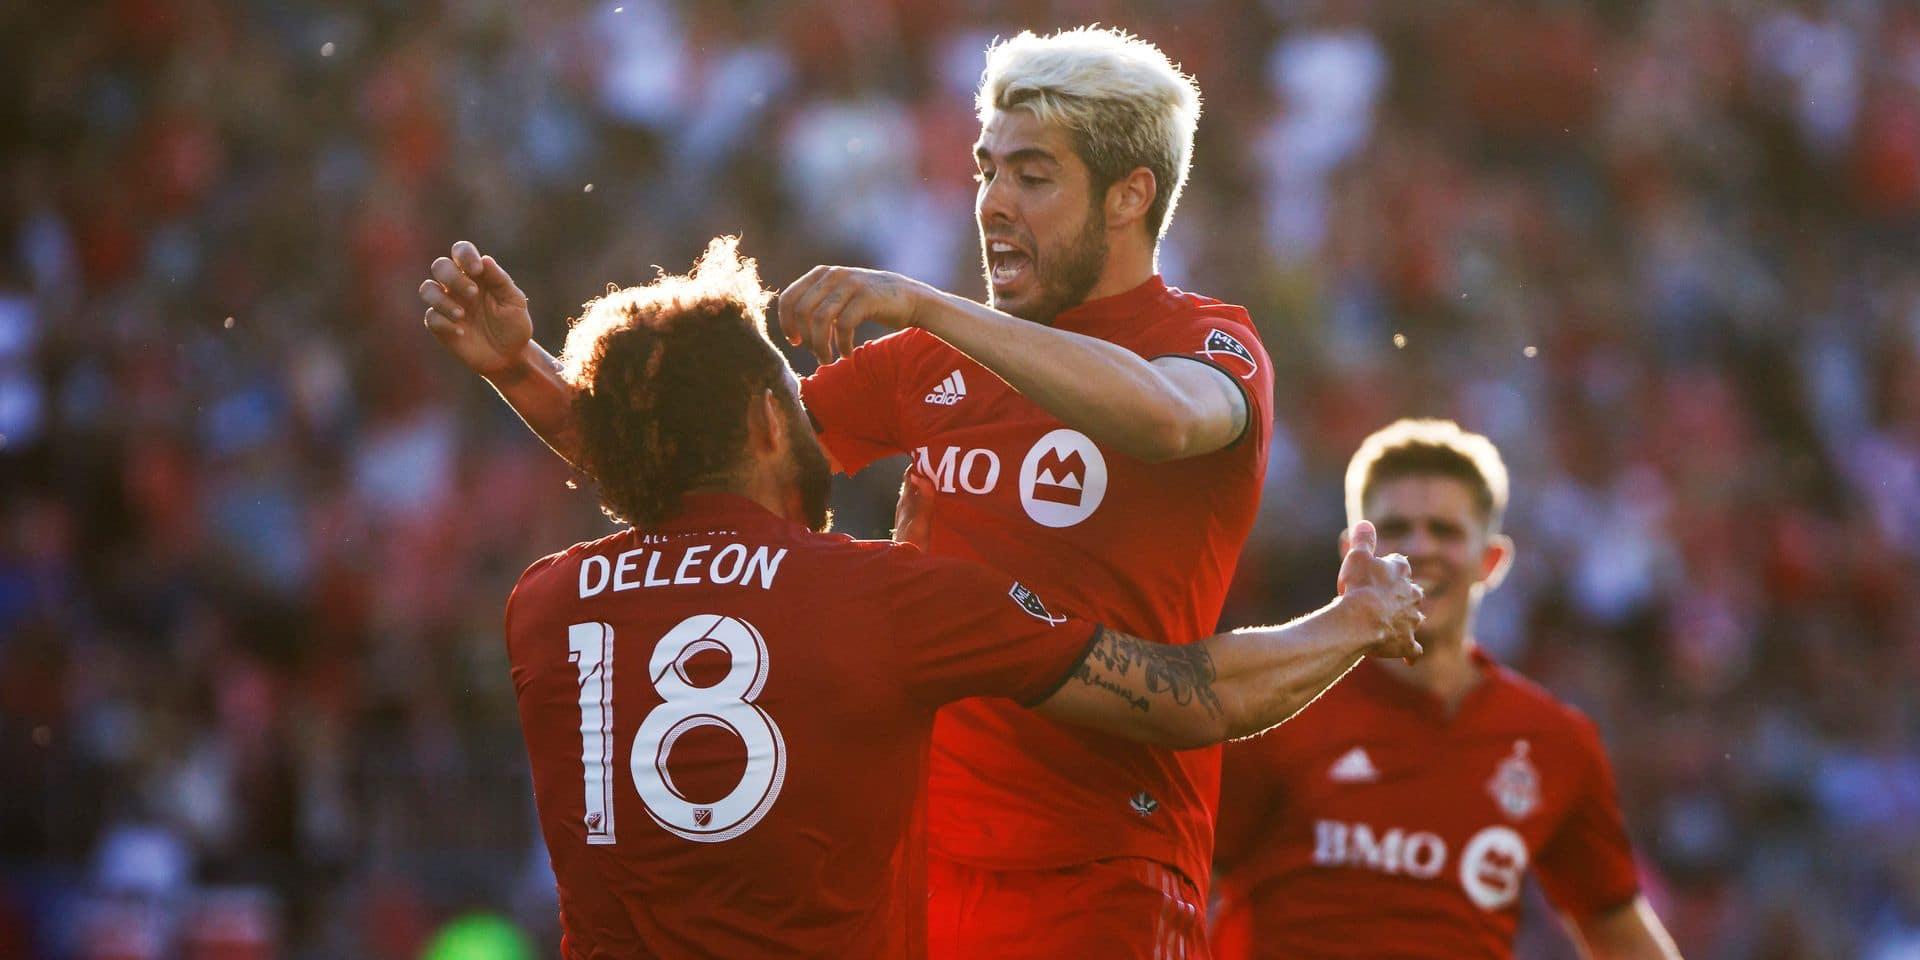 Belges à l'étranger : Toronto, avec Ciman et Pozuelo, arrache le nul malgré deux penalties pour Kansas City